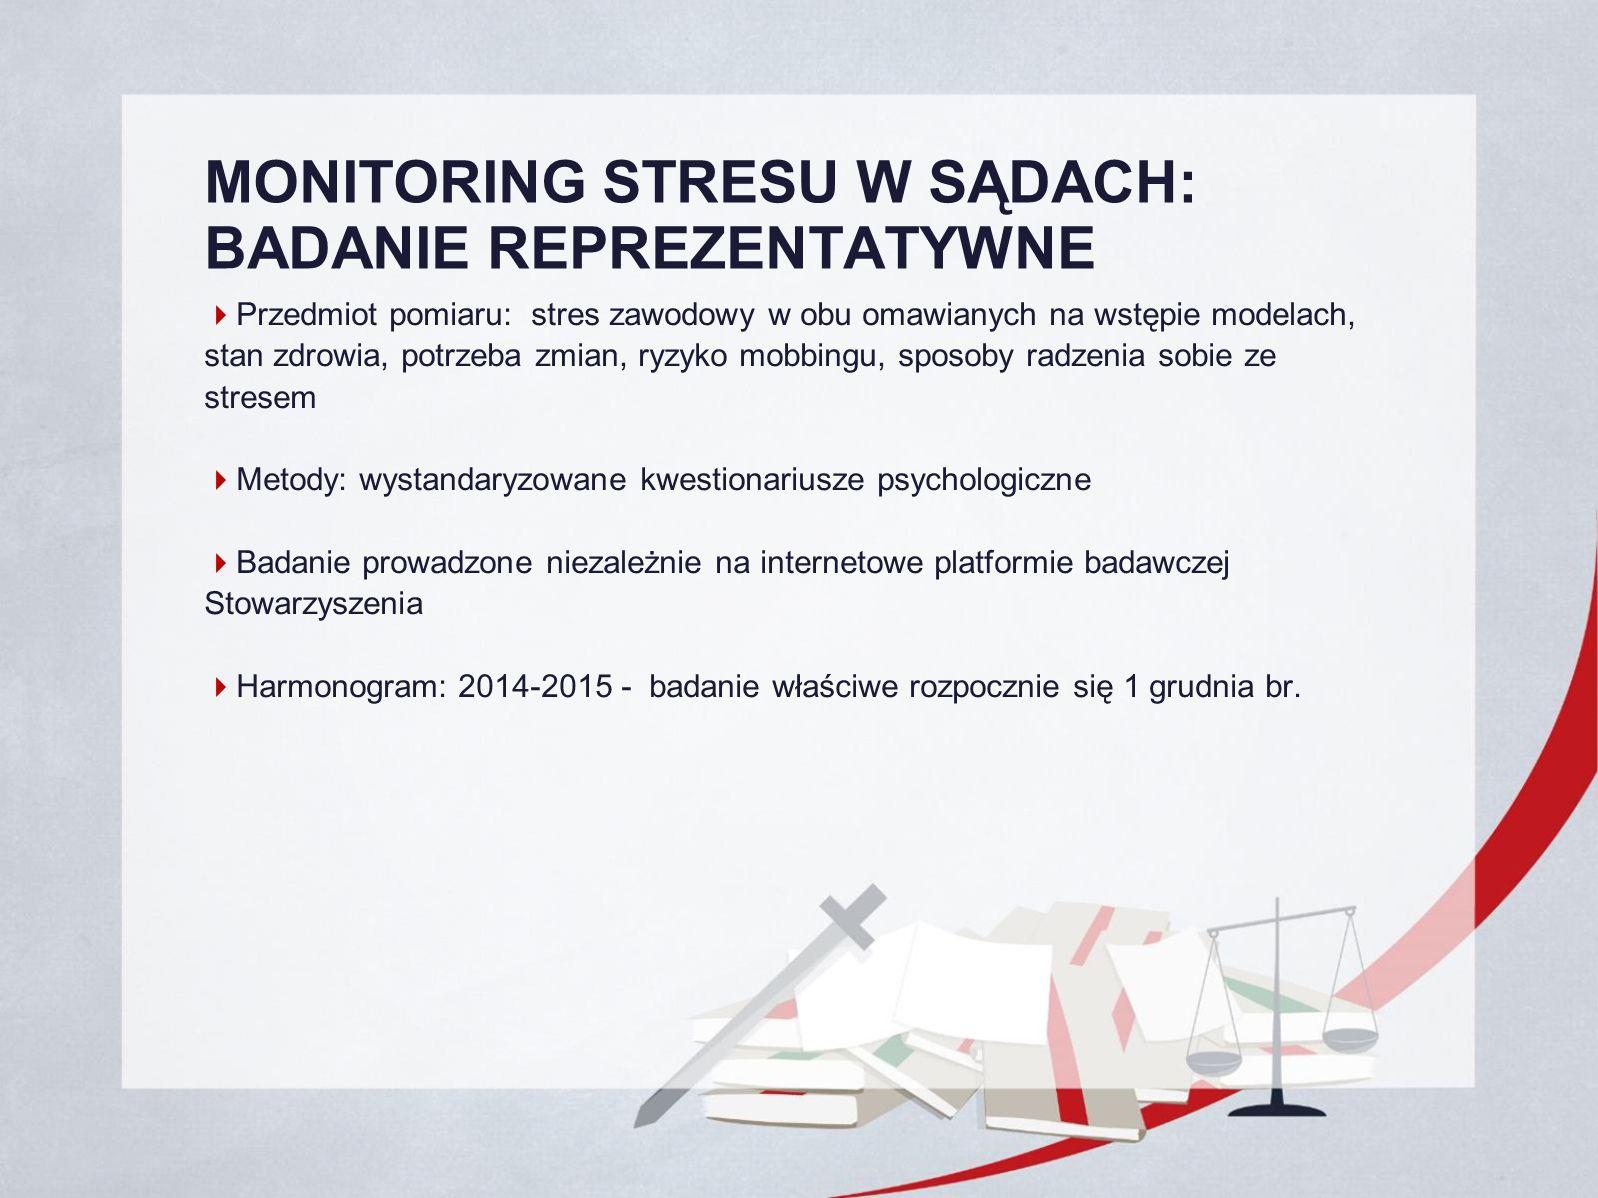 MONITORING STRESU W SĄDACH: BADANIE REPREZENTATYWNE  Przedmiot pomiaru: stres zawodowy w obu omawianych na wstępie modelach, stan zdrowia, potrzeba zmian, ryzyko mobbingu, sposoby radzenia sobie ze stresem  Metody: wystandaryzowane kwestionariusze psychologiczne  Badanie prowadzone niezależnie na internetowe platformie badawczej Stowarzyszenia  Harmonogram: 2014-2015 - badanie właściwe rozpocznie się 1 grudnia br.